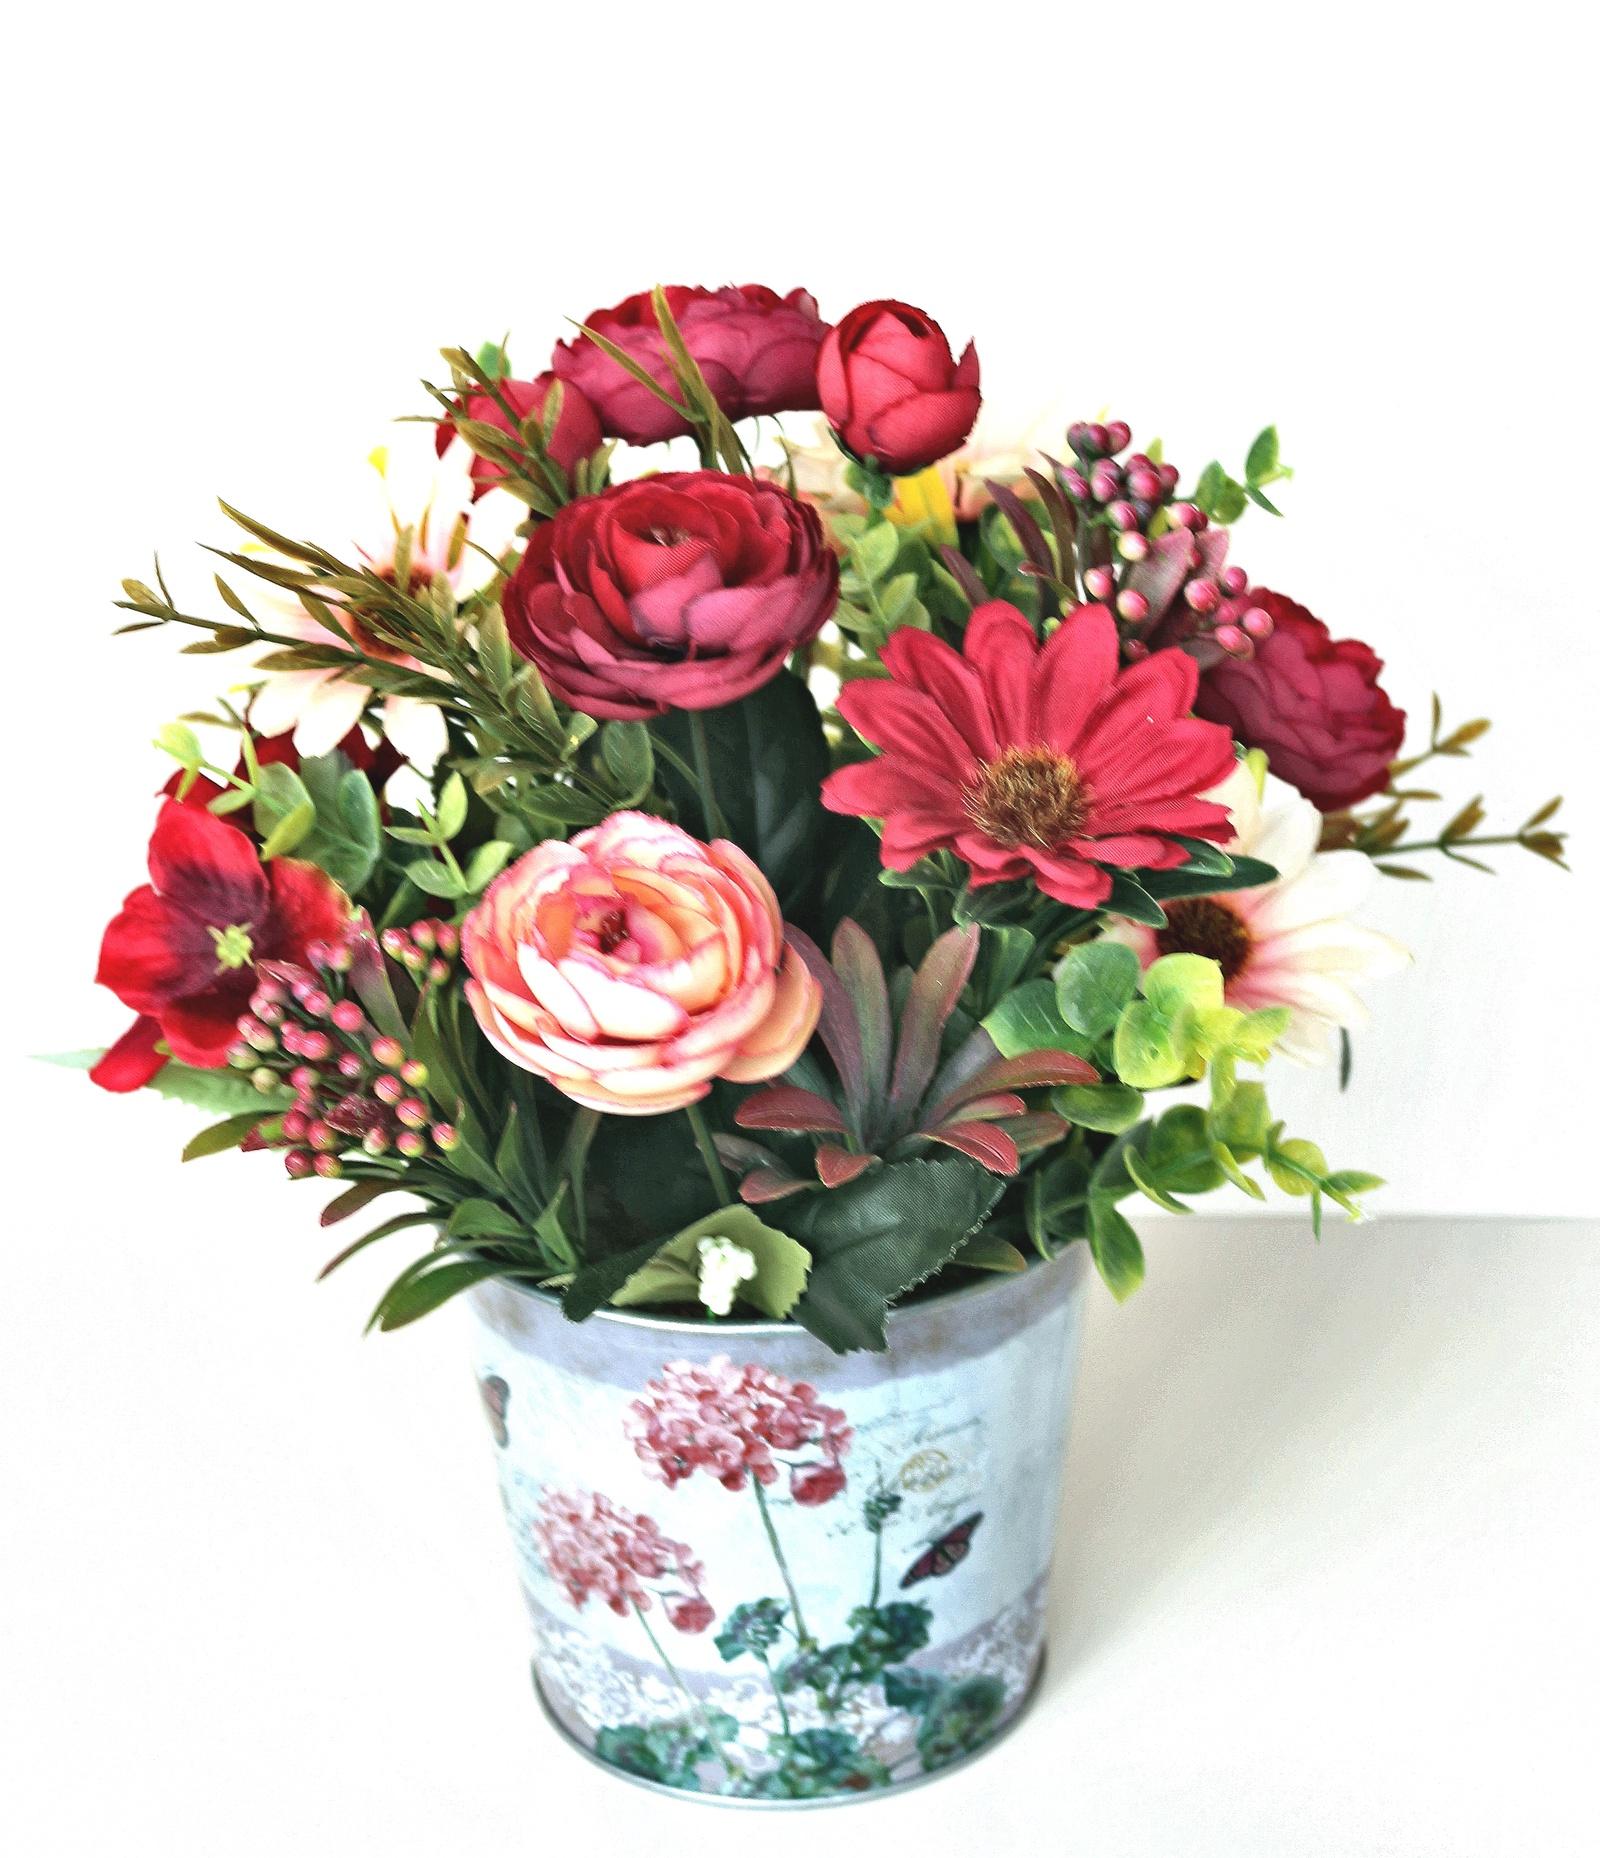 Искусственные цветы купить воронеж, оптом магазин склада